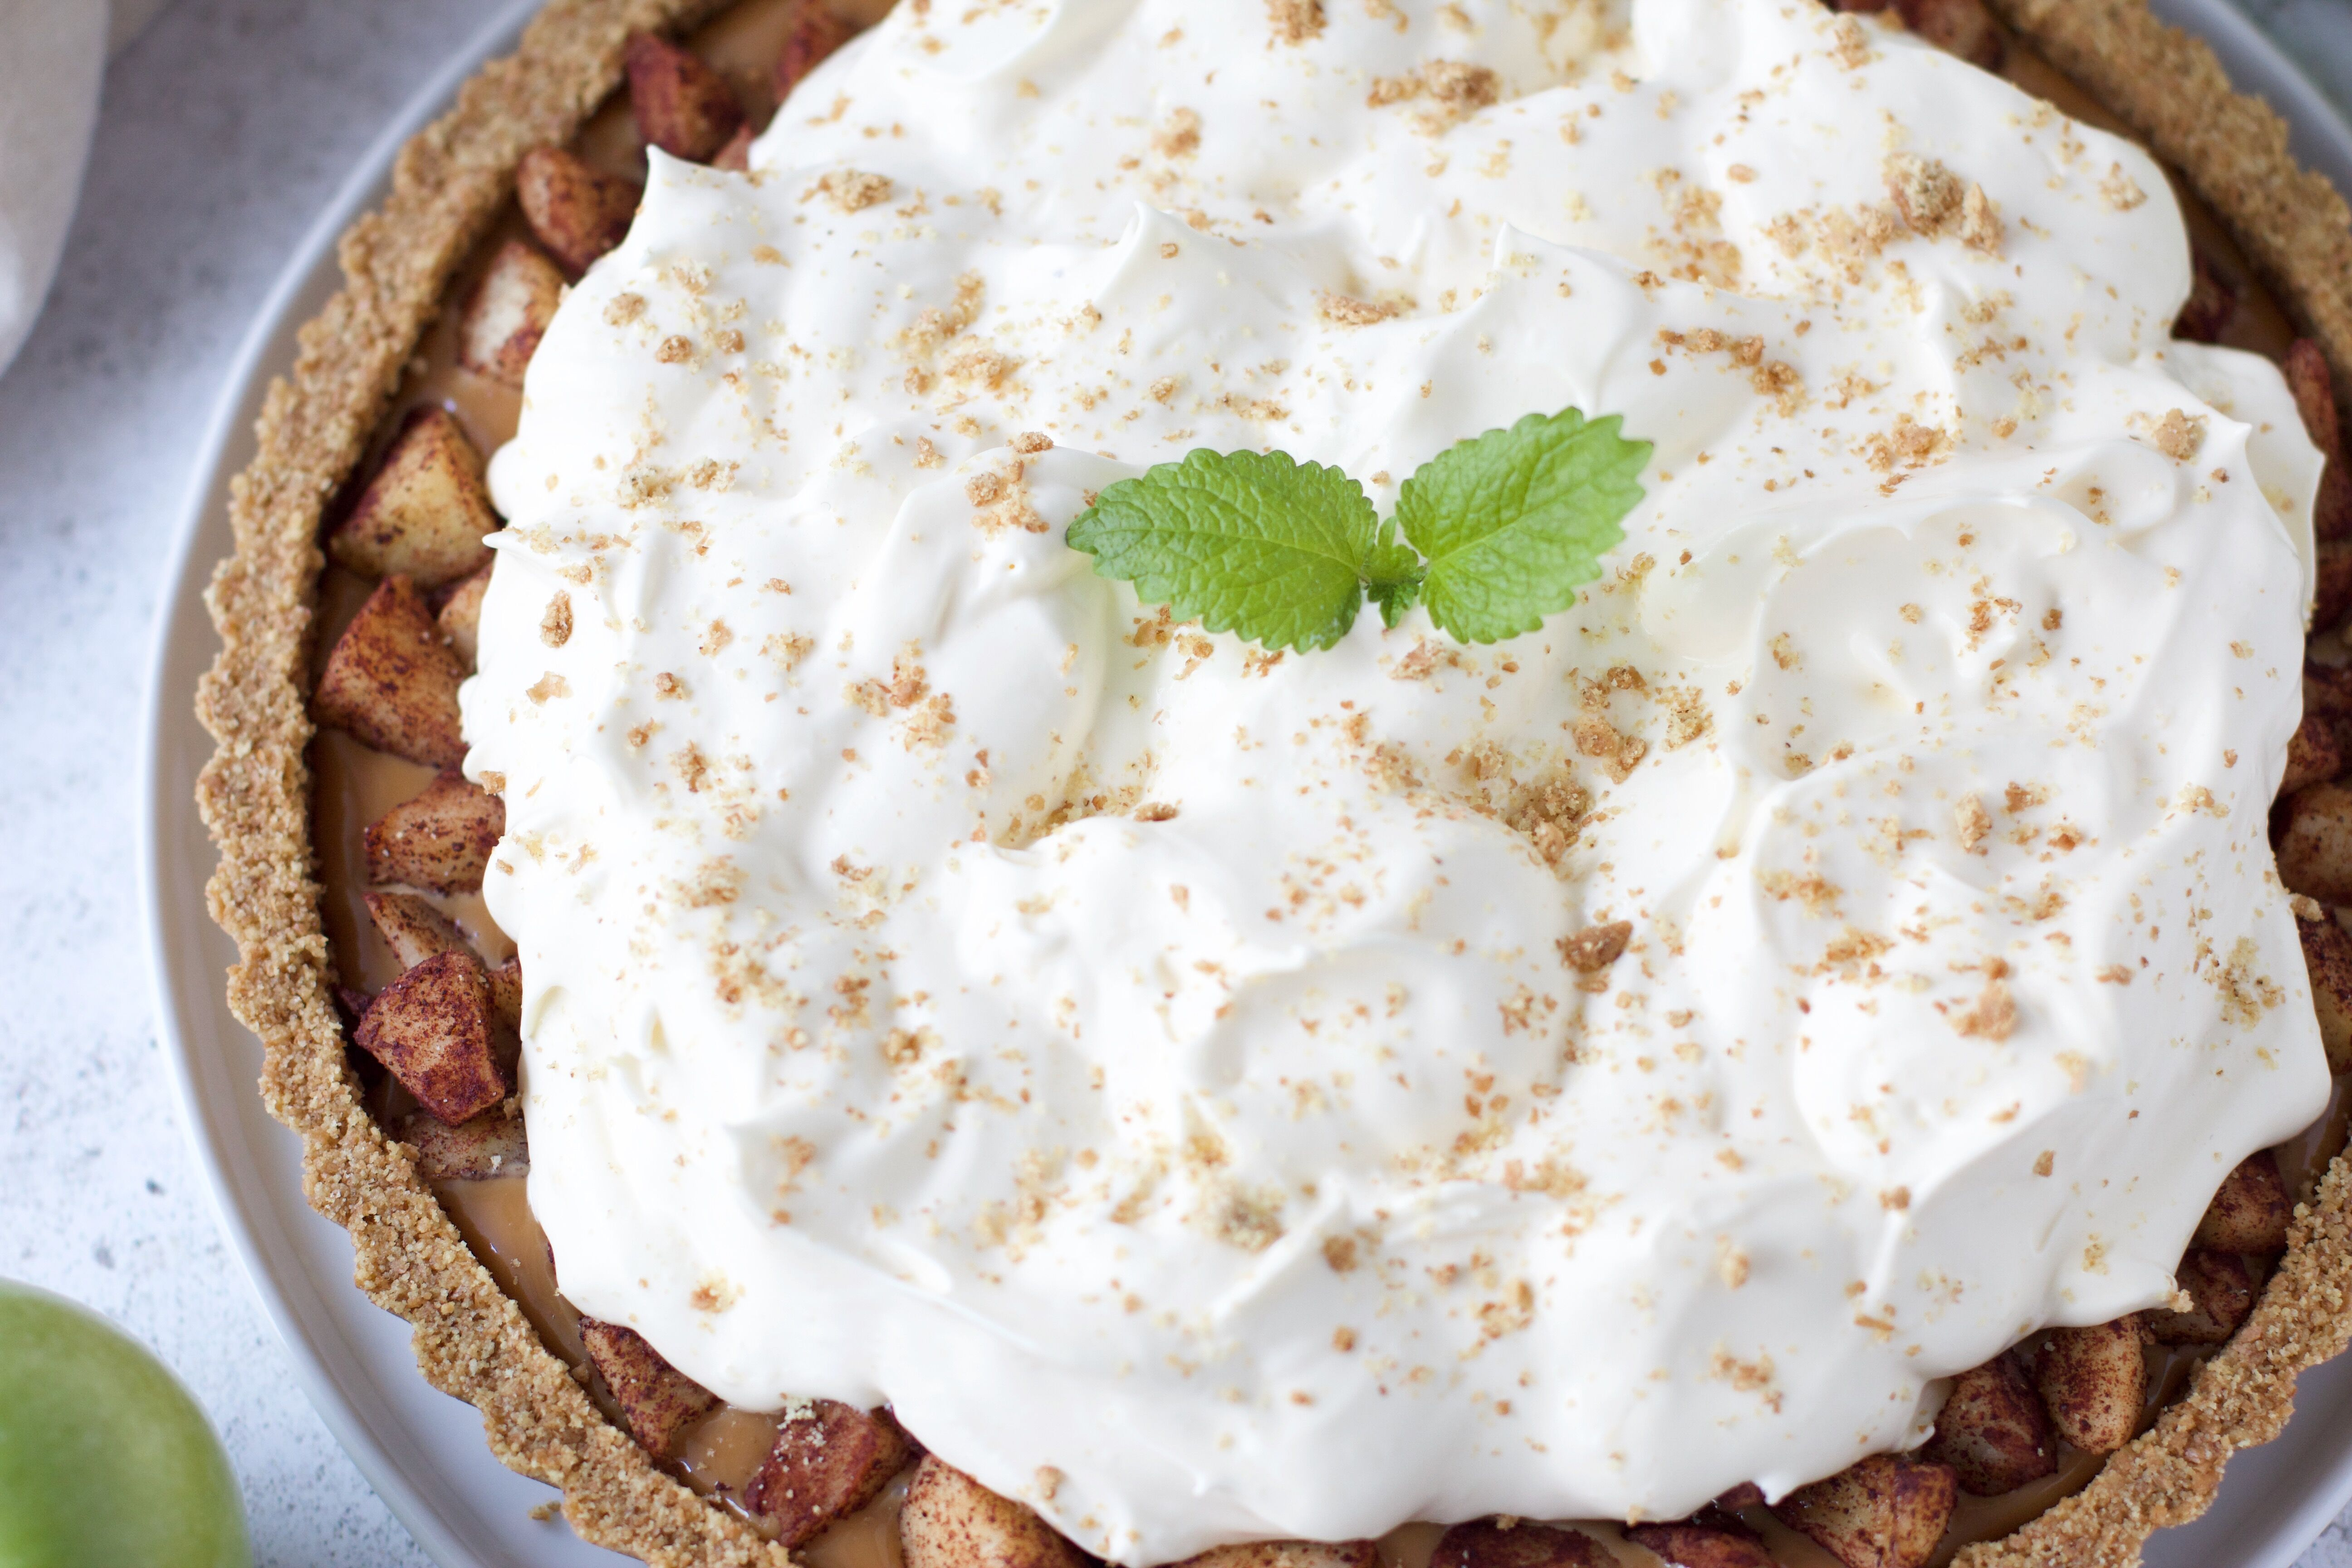 Äppeloffeepaj - No-bake äppelkolapaj med vaniljvisp 2